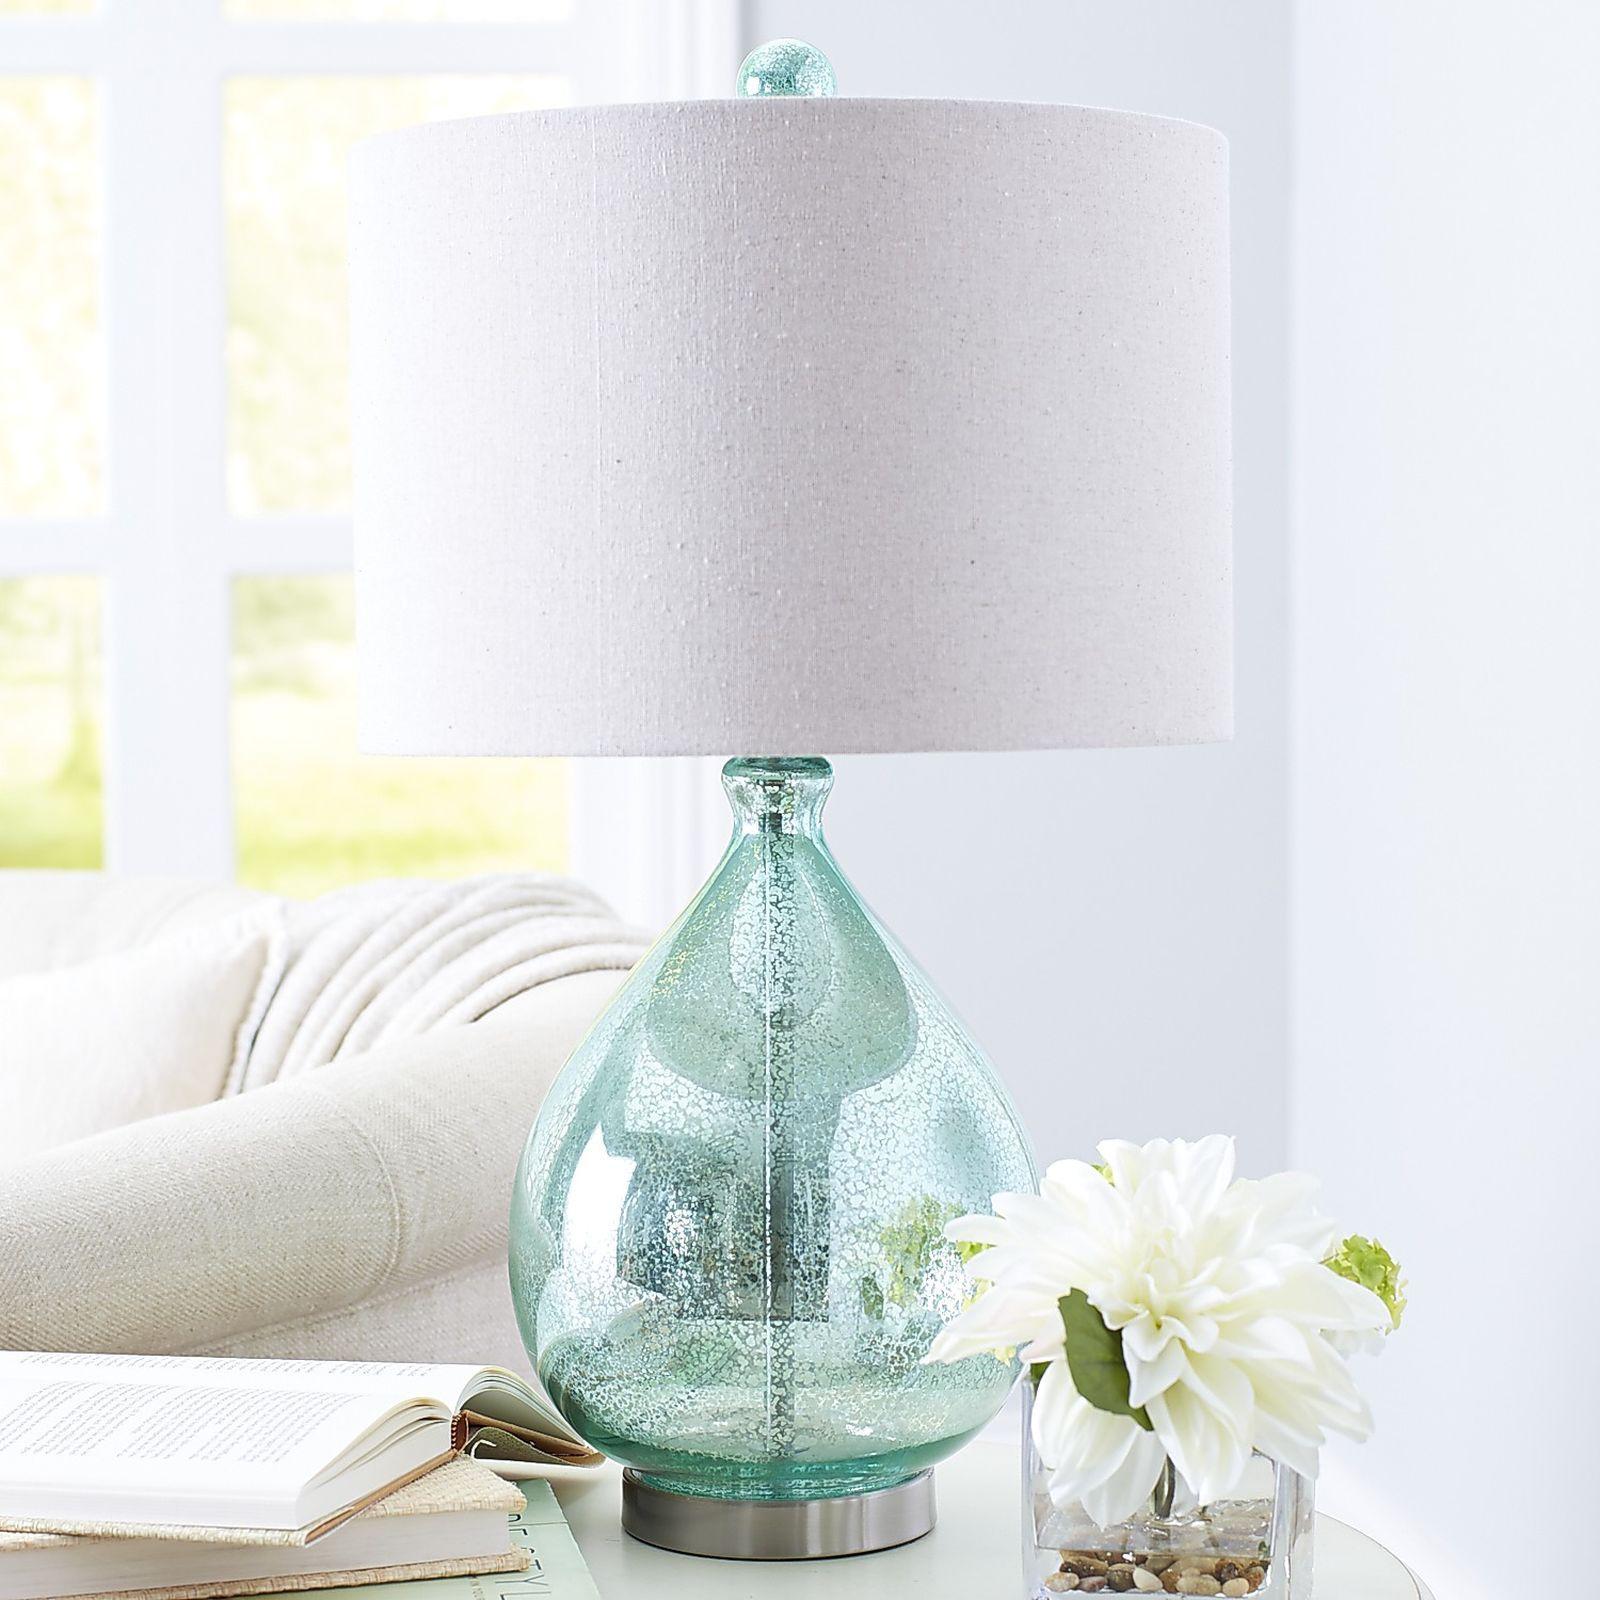 Teal Teardrop Luxe Lamp Coastal Living Rooms Mercury